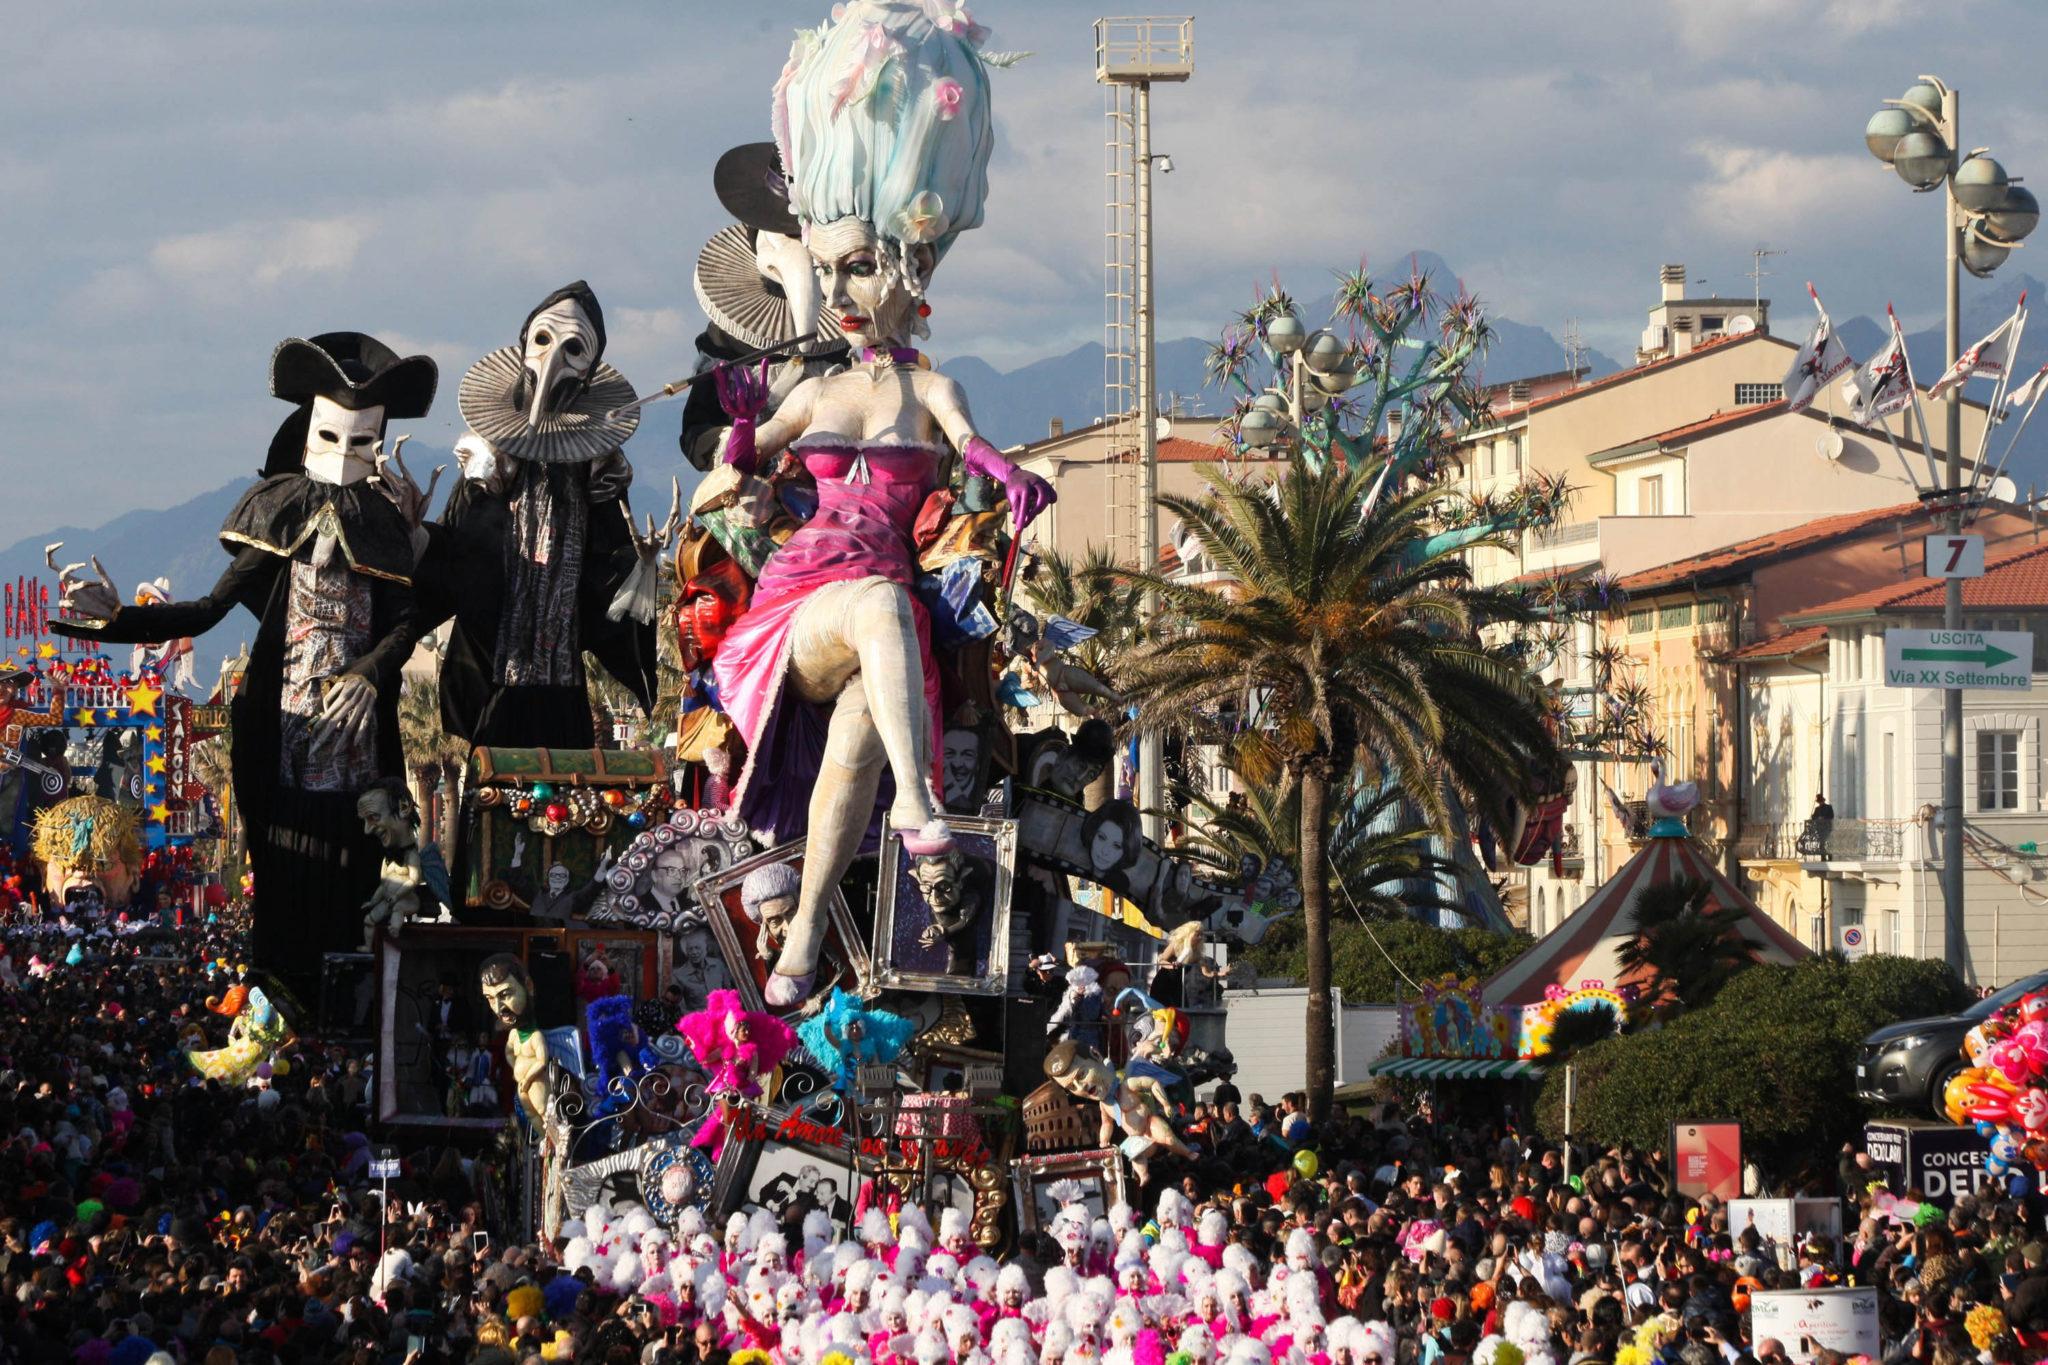 Carnevale, Karnevalstraditionen, Carnaval, Carnival